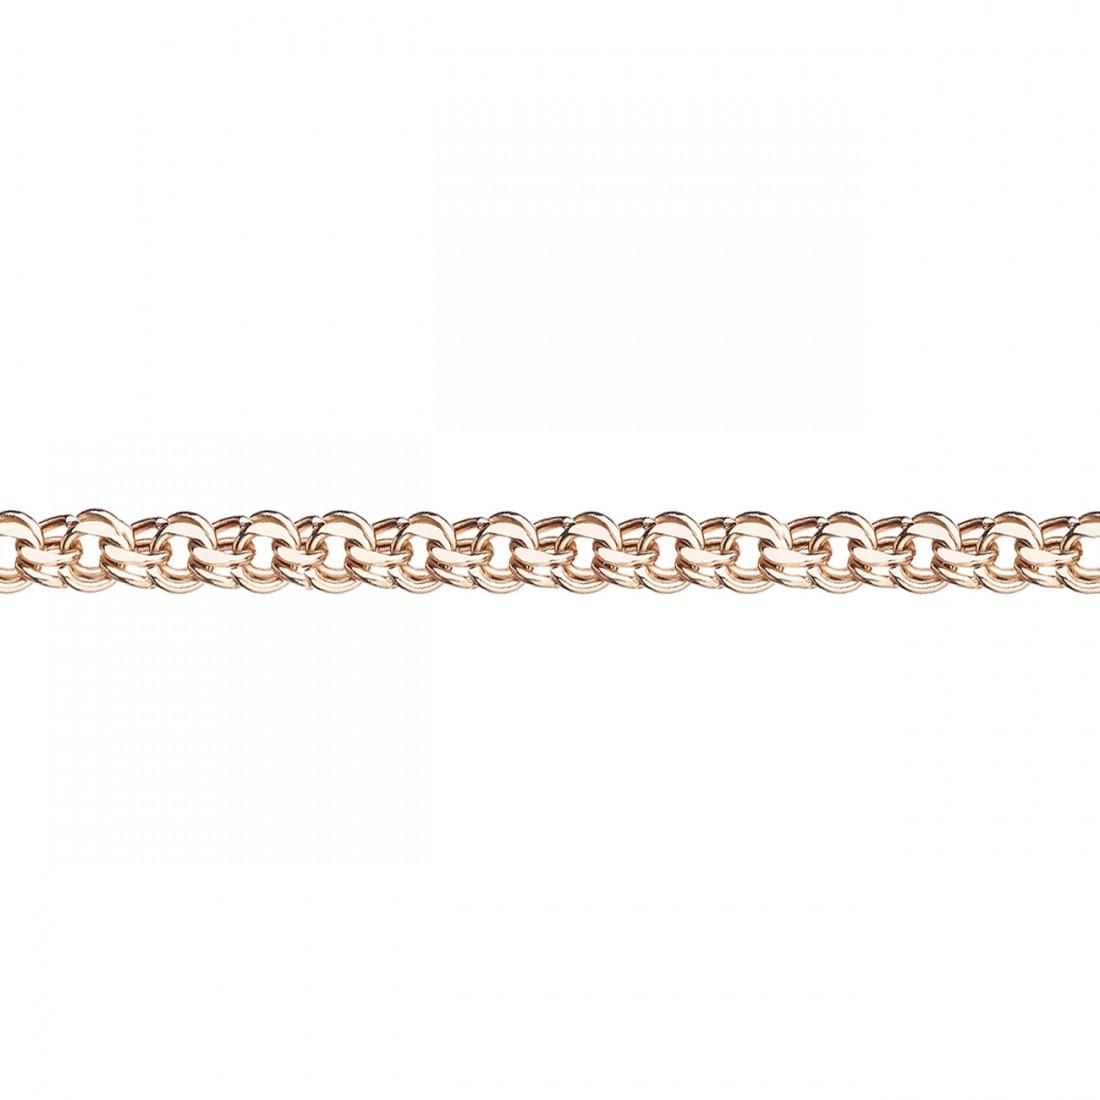 Облегченная цепь из золота арт. 8050200п-45 8050200п-45